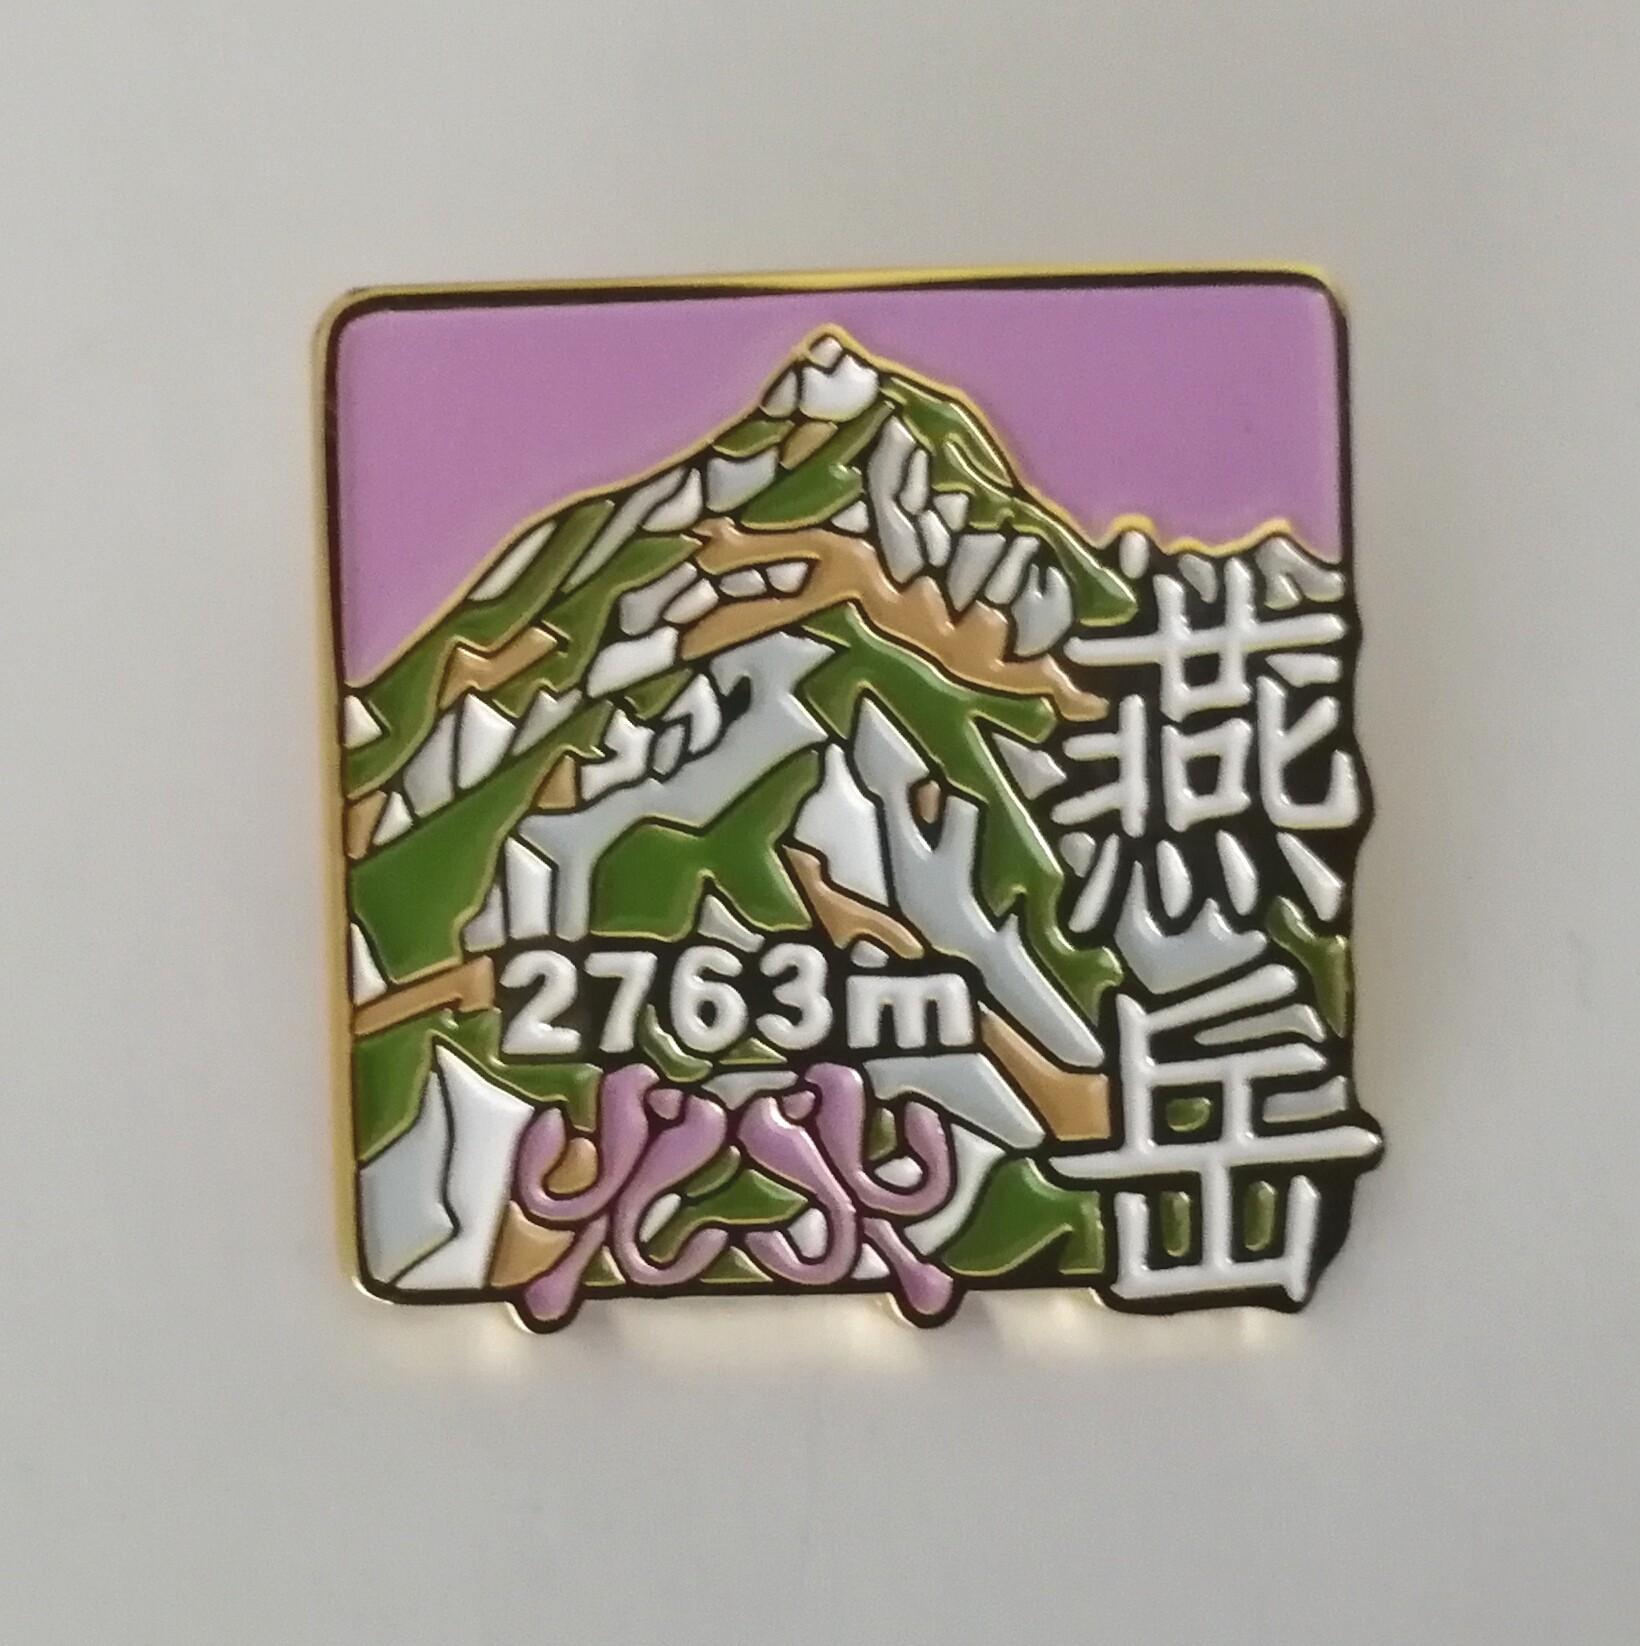 ピンバッジ製作会社BIGWAVEさんとクラフト立花のコラボ商品 「燕岳バッジ」 完成!